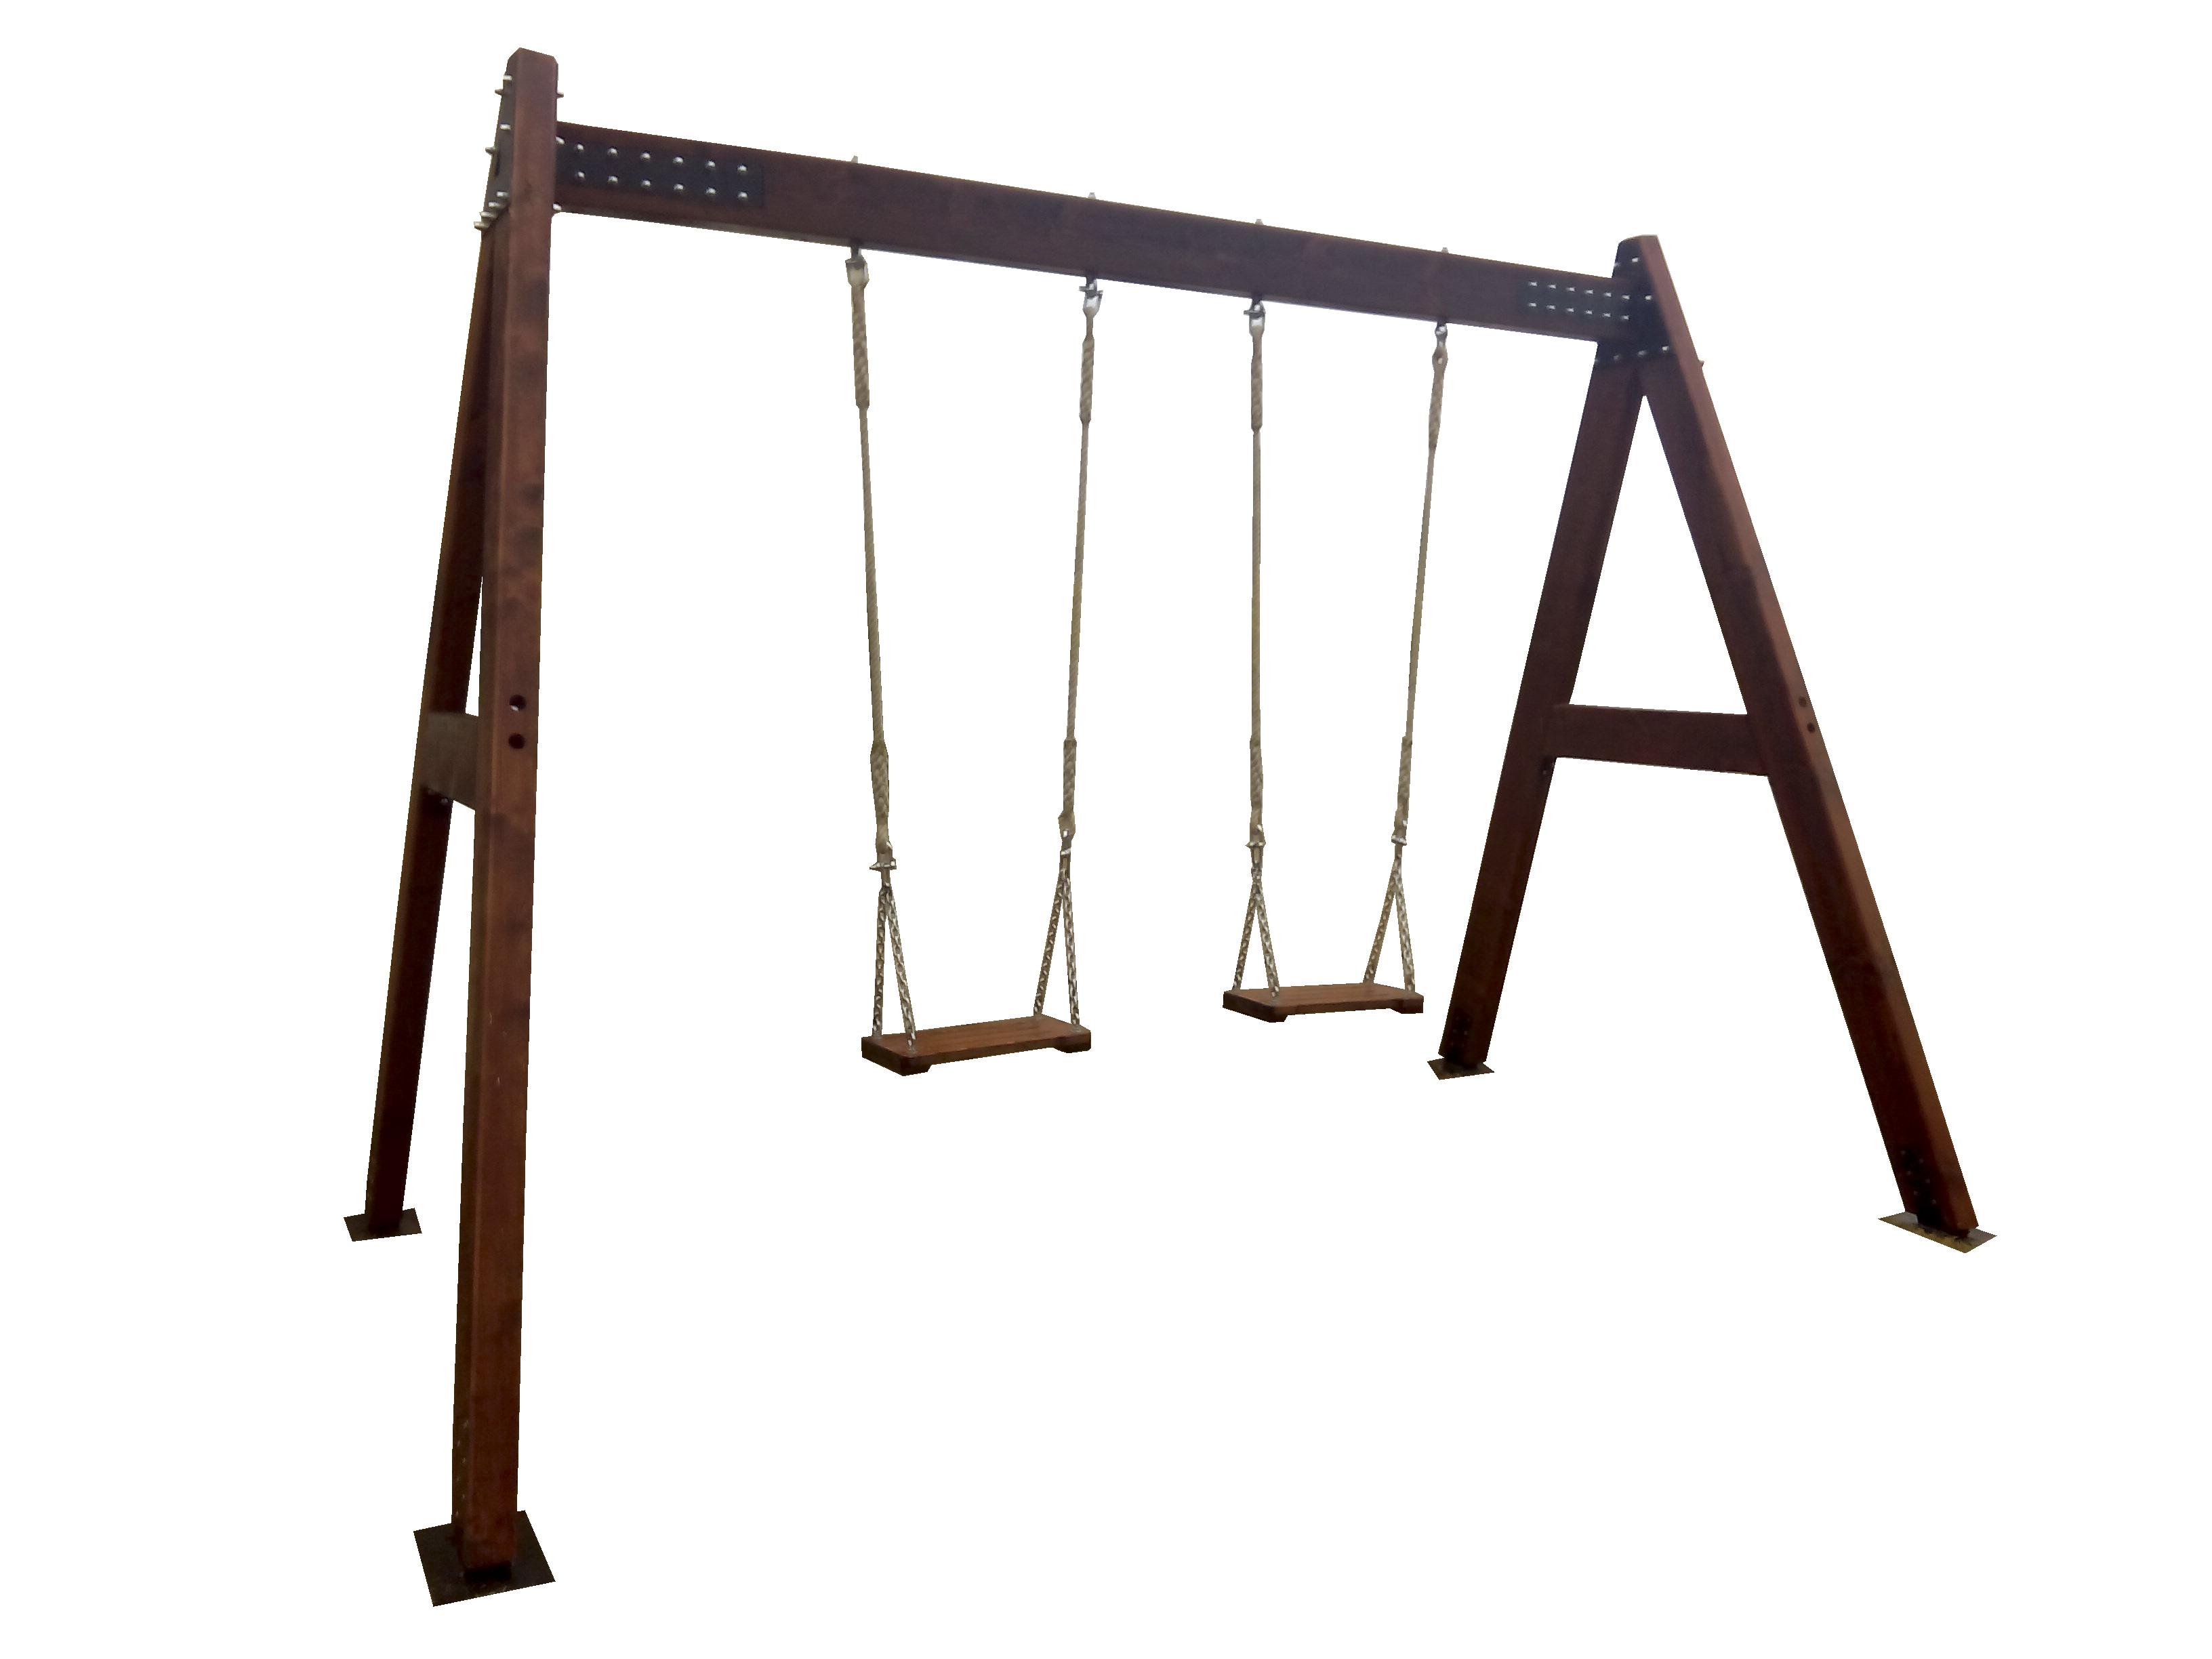 Columpio de madera para adultos ESTRUCMADER